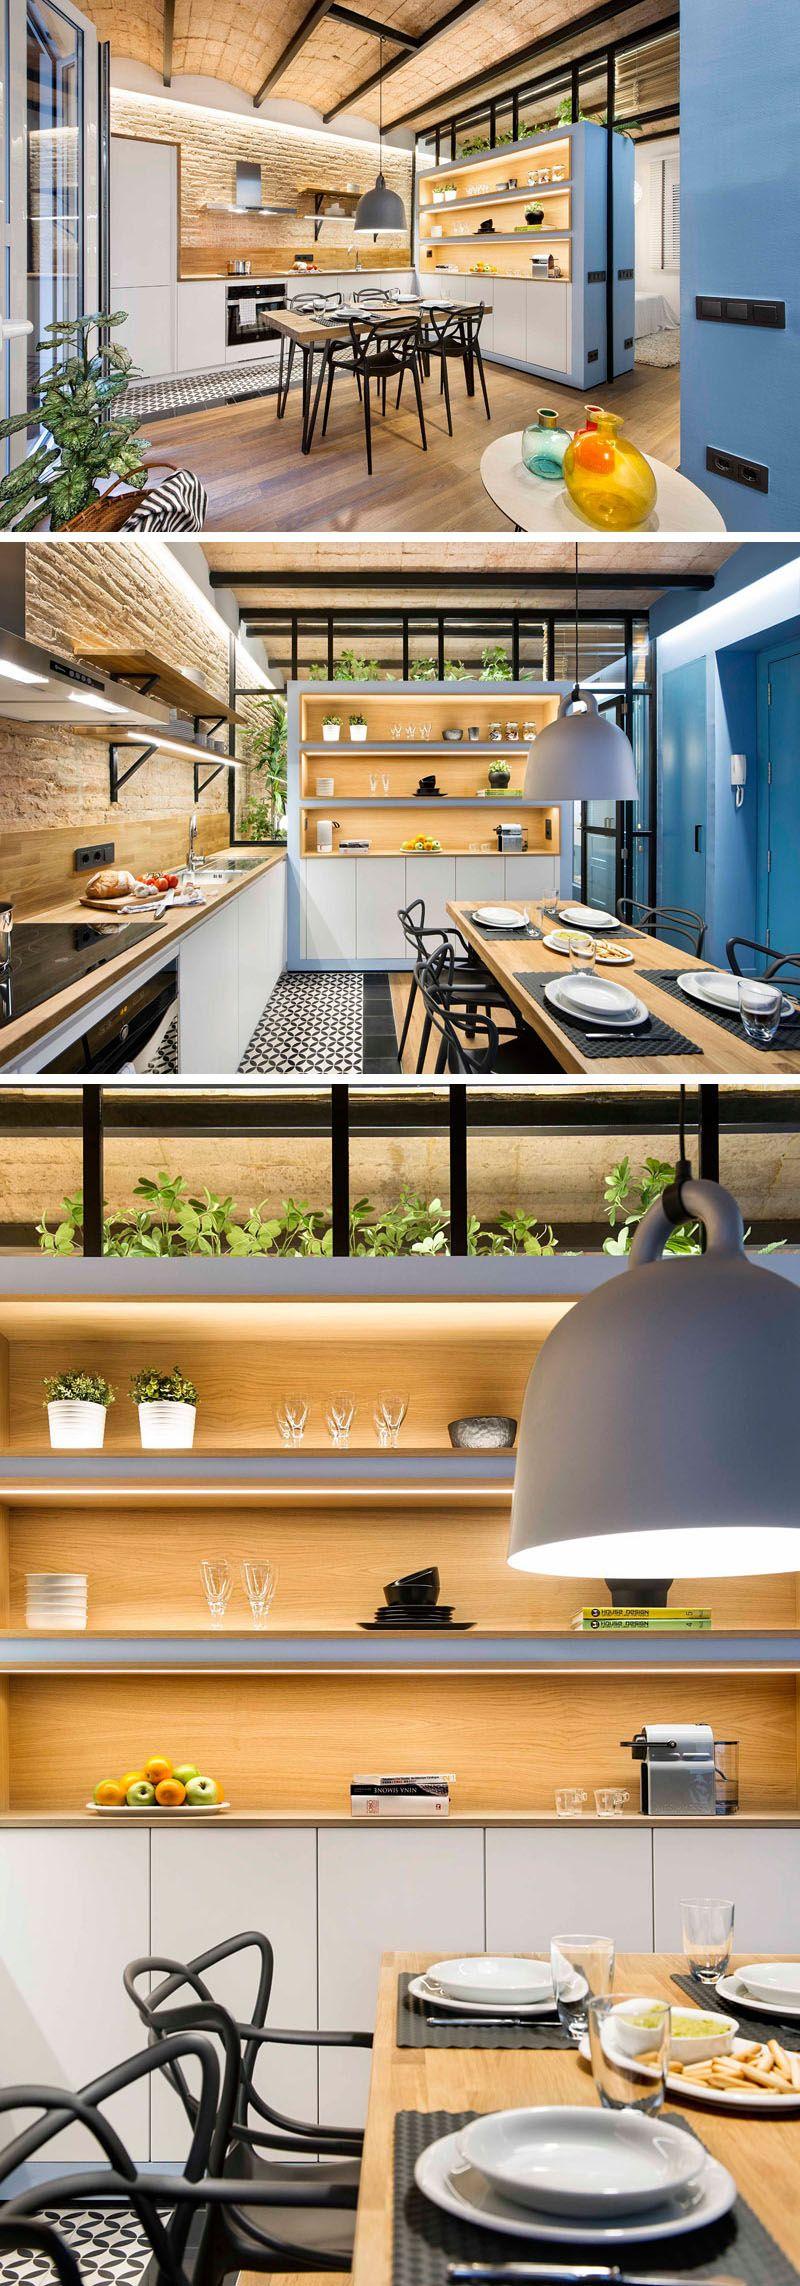 Urban Beach Home, un pequeño apartamento en el corazón de Barcelona - Arquitectura Ideal